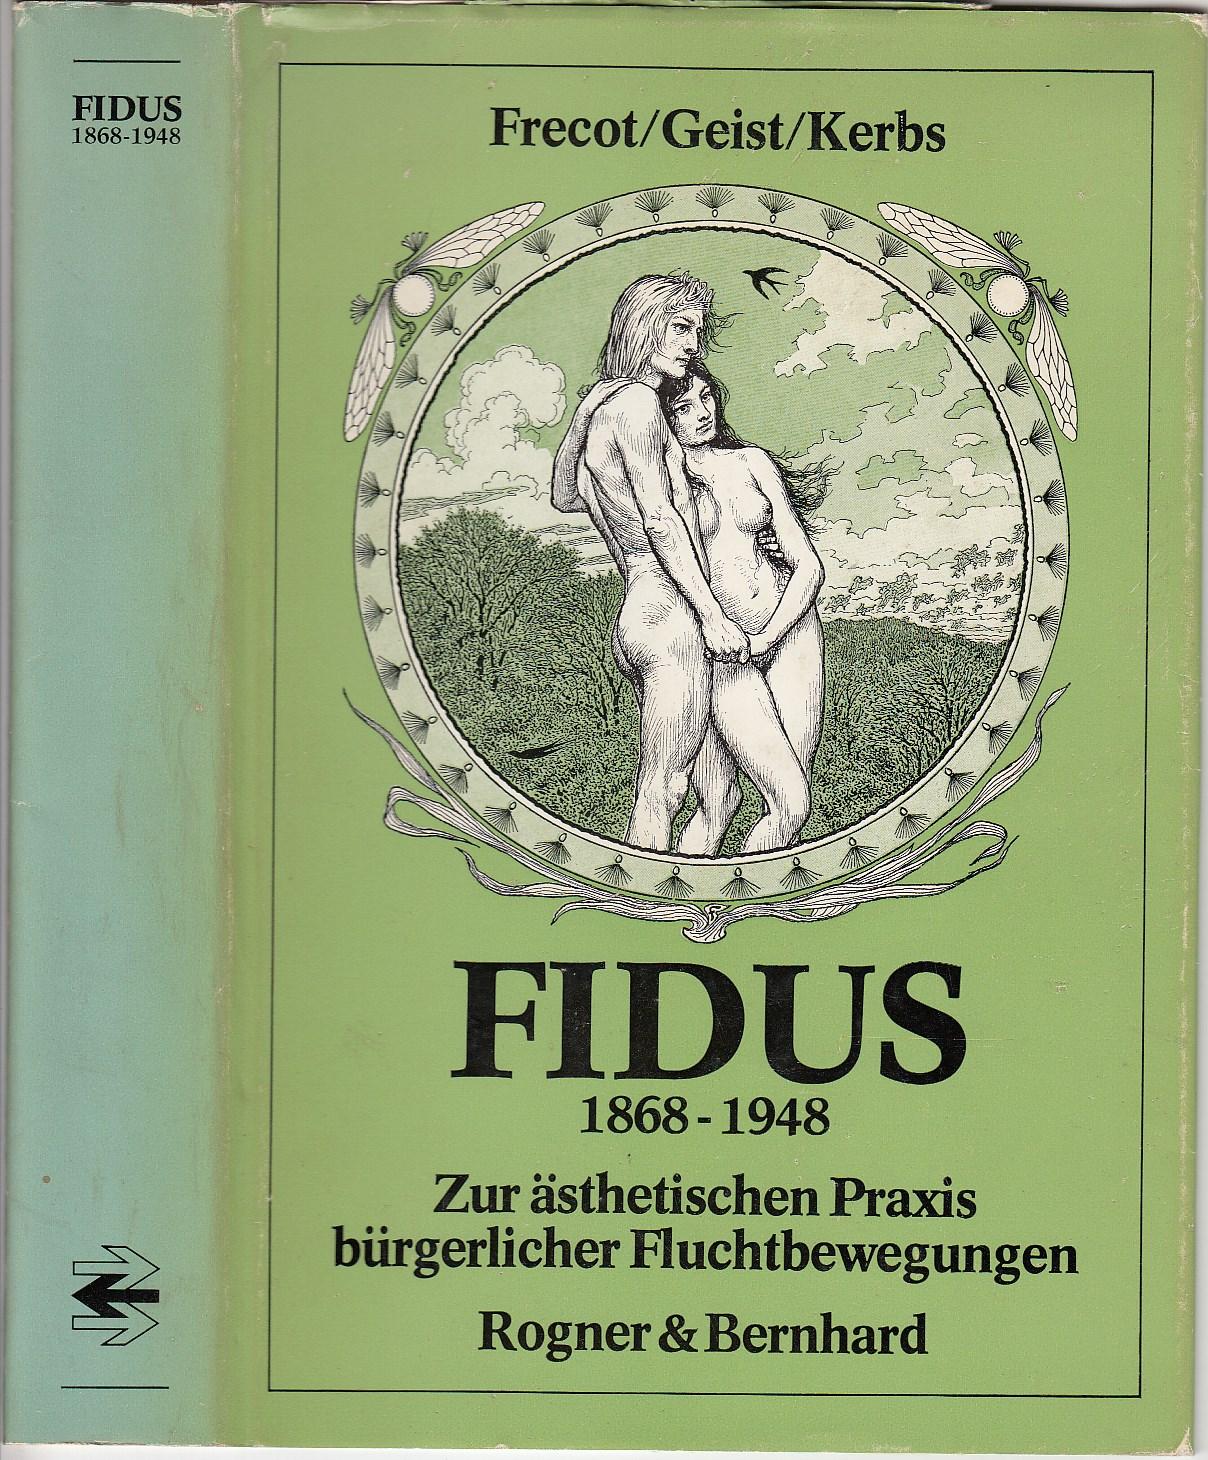 Fidus 1868-1948. Zur ästhetischen Praxis bürgerlicher Fluchtbewegungen. Zahlreiche Abbildungen.